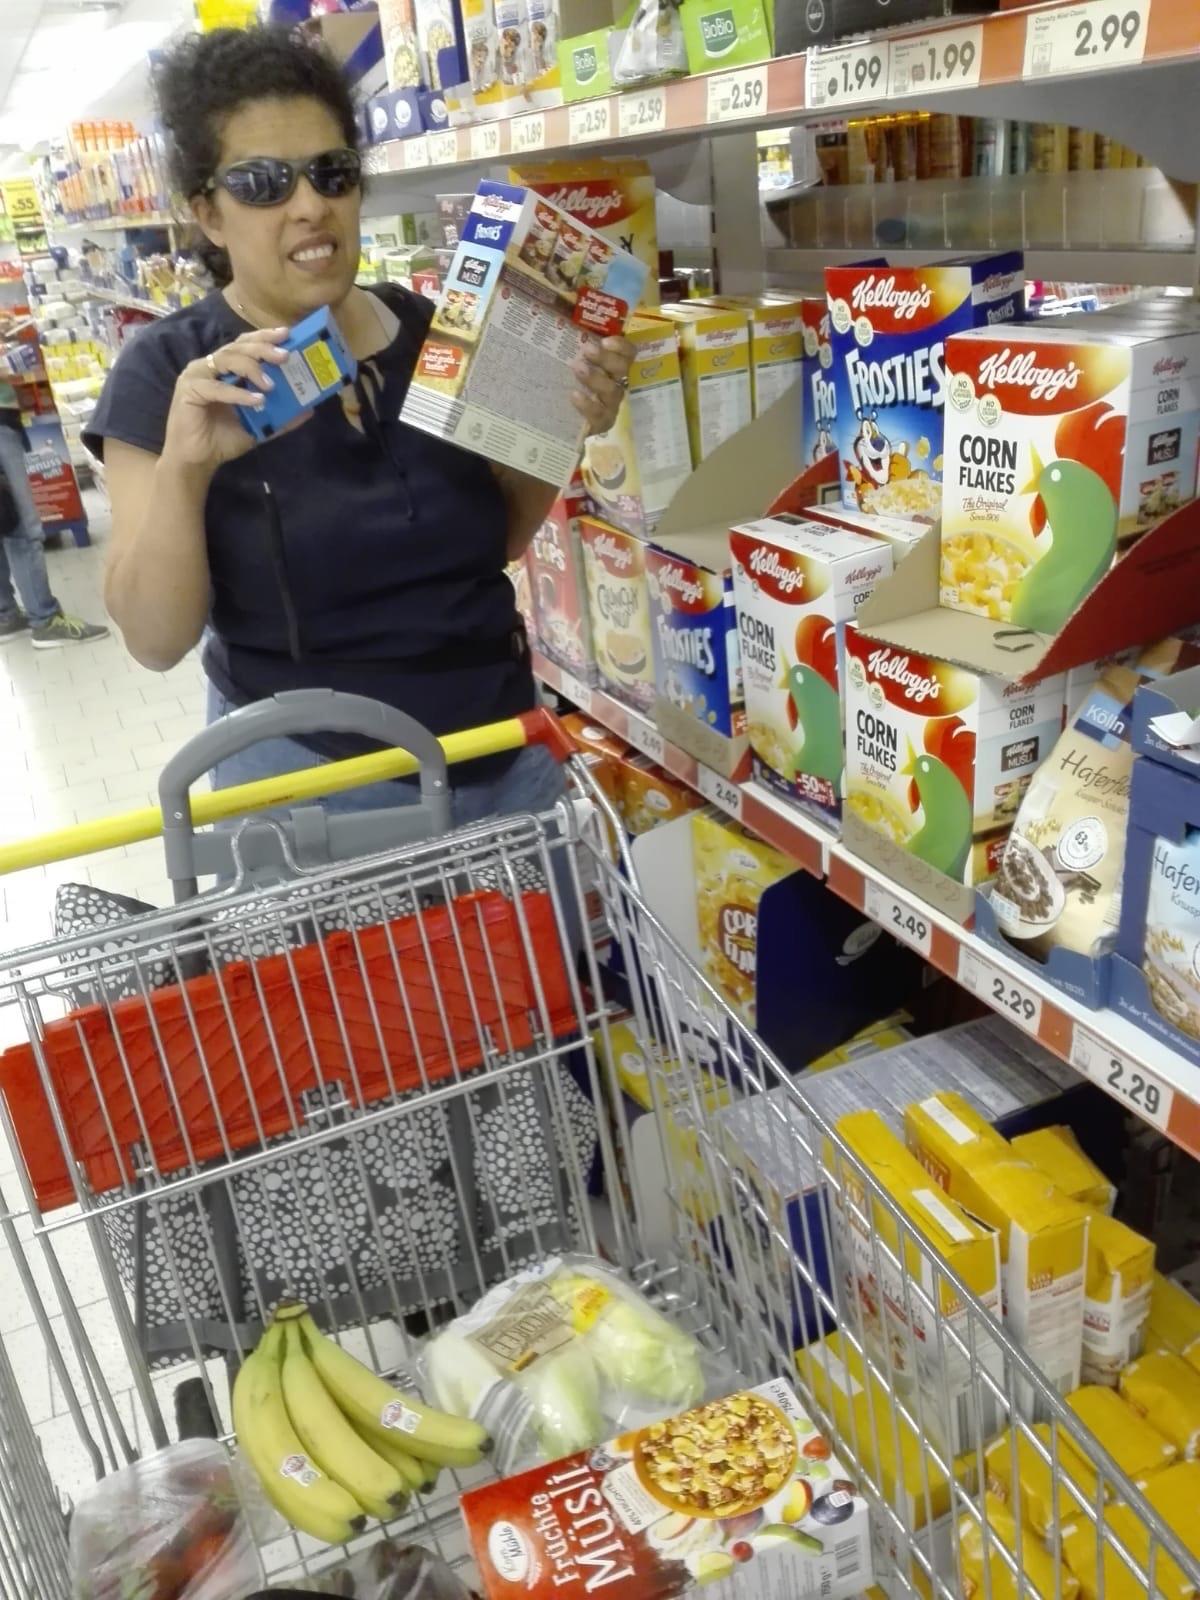 Lydia richtet den Einkaufsfuchs auf ein Produkt im Supermarkt.